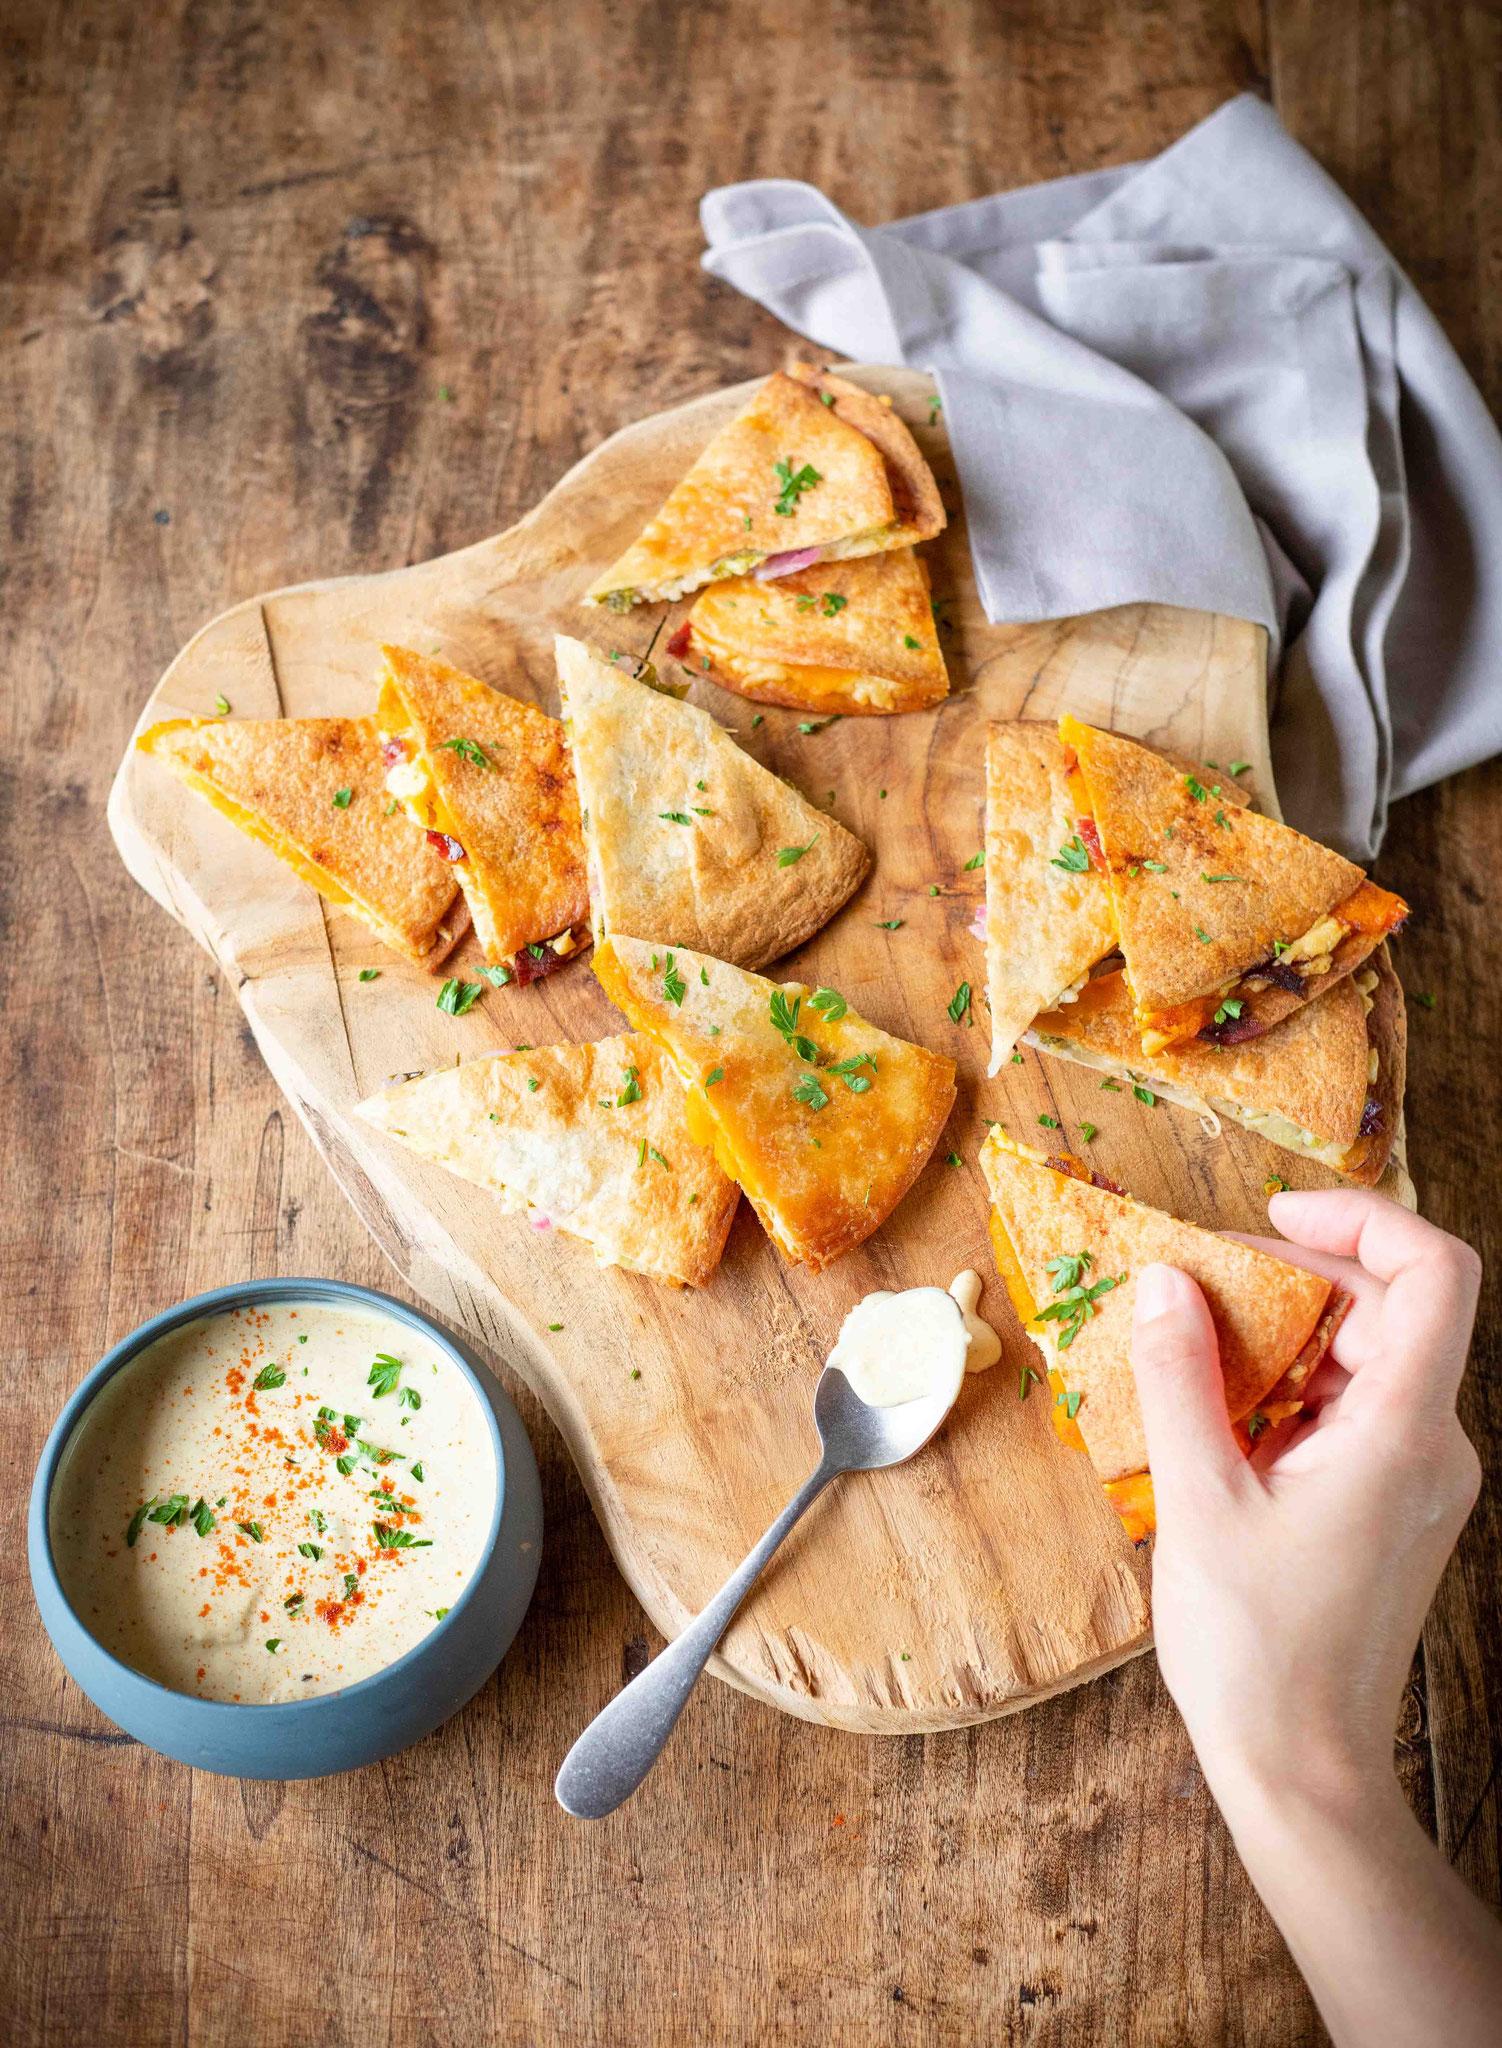 Recette de quesadillas au fromage